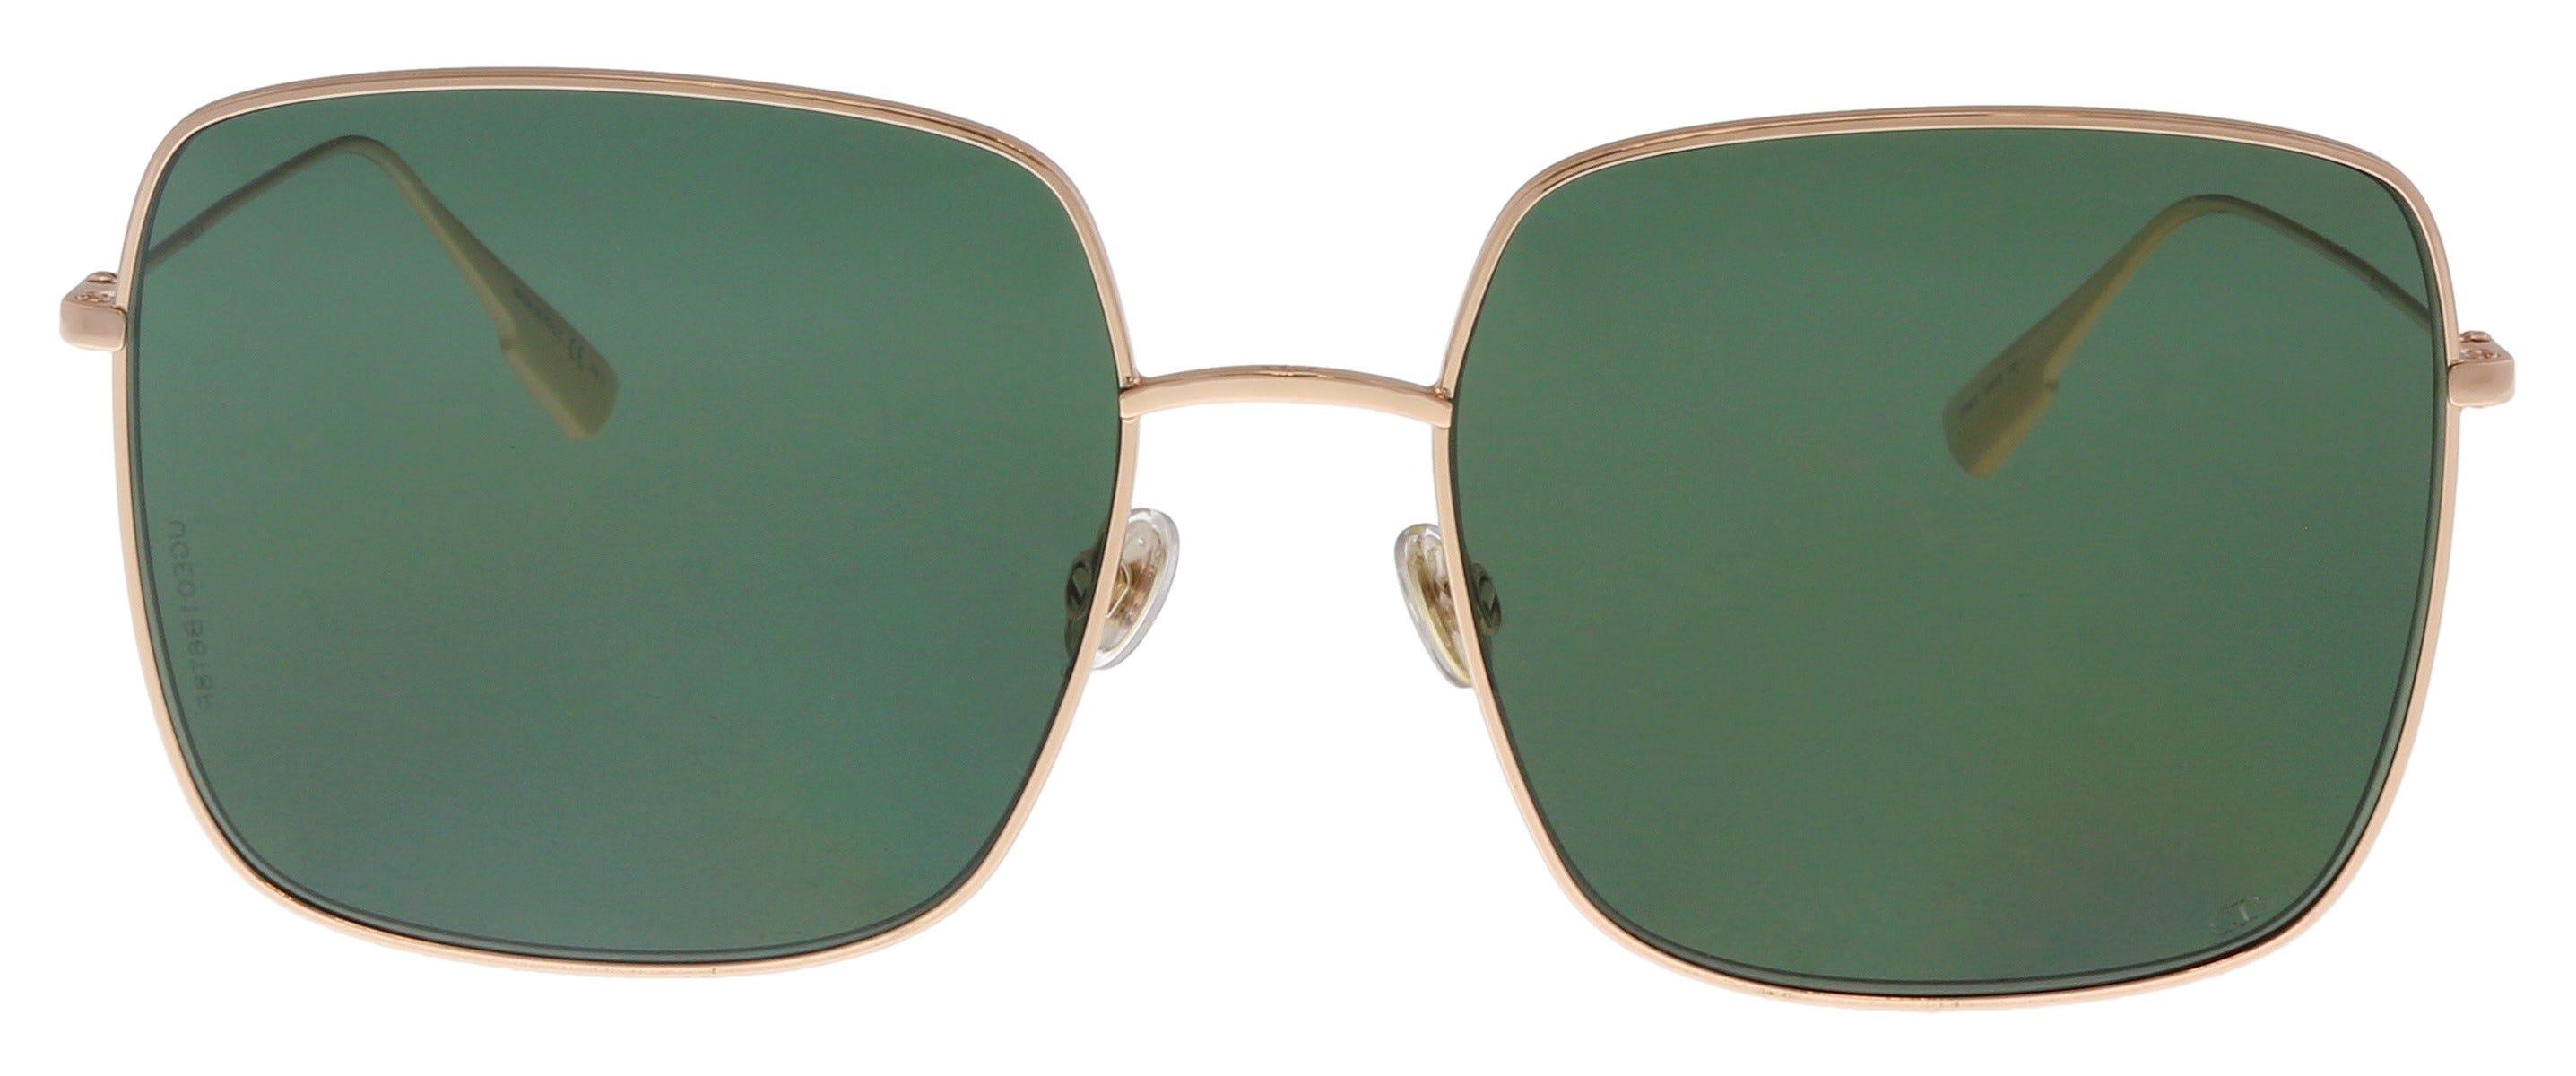 d7d3d3a5854 Best Designer Sunglasses Brands